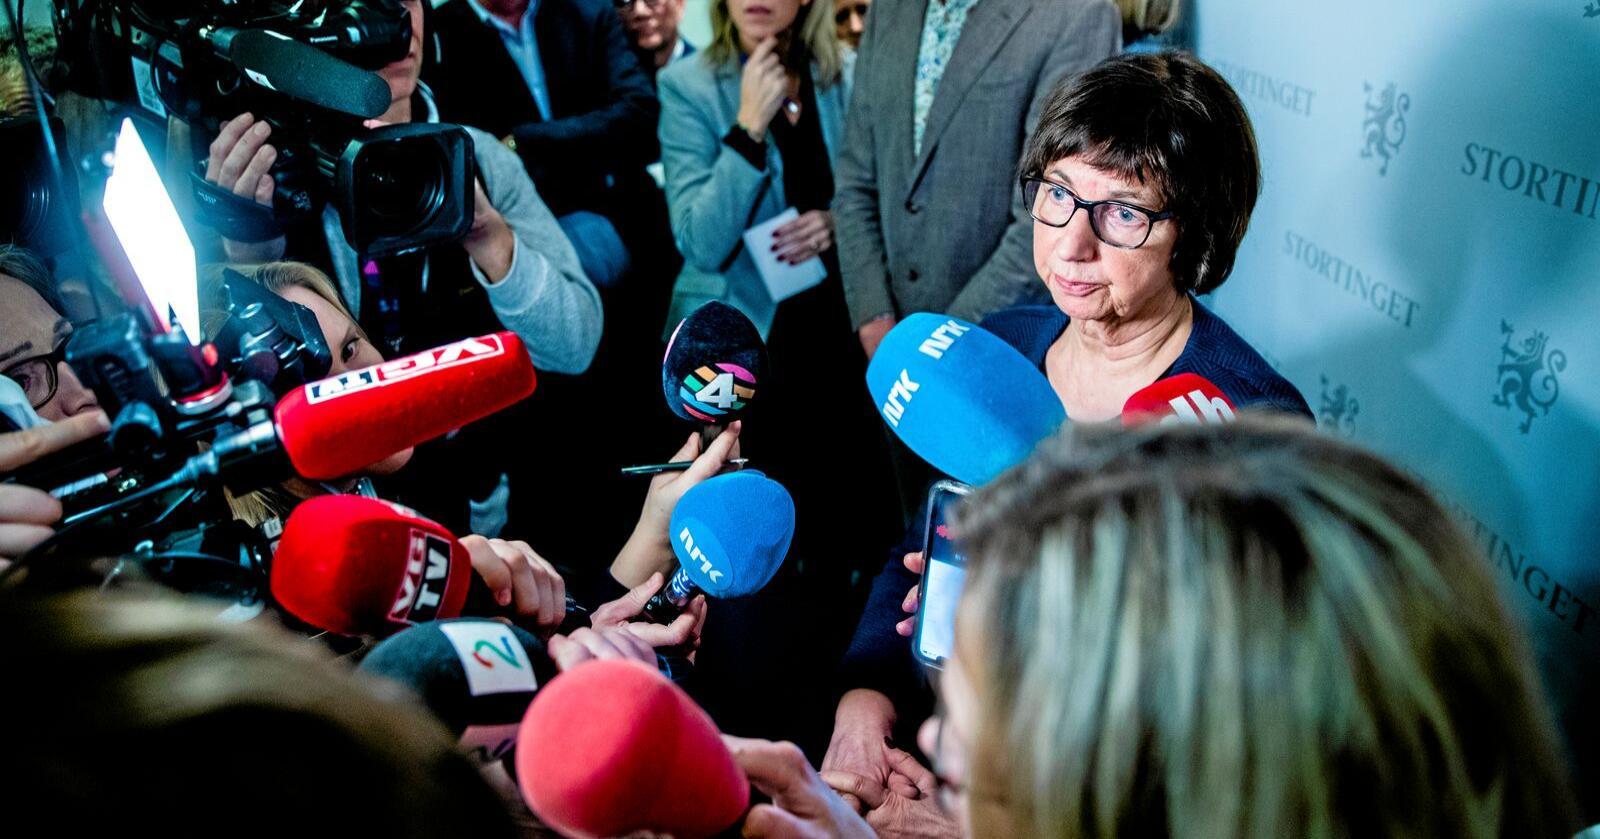 Nav-skandalen: Den ene etter den andre har beklaget uretten, skriver innsenderen. Foto: Stian Lysberg Solum / NTB scanpix